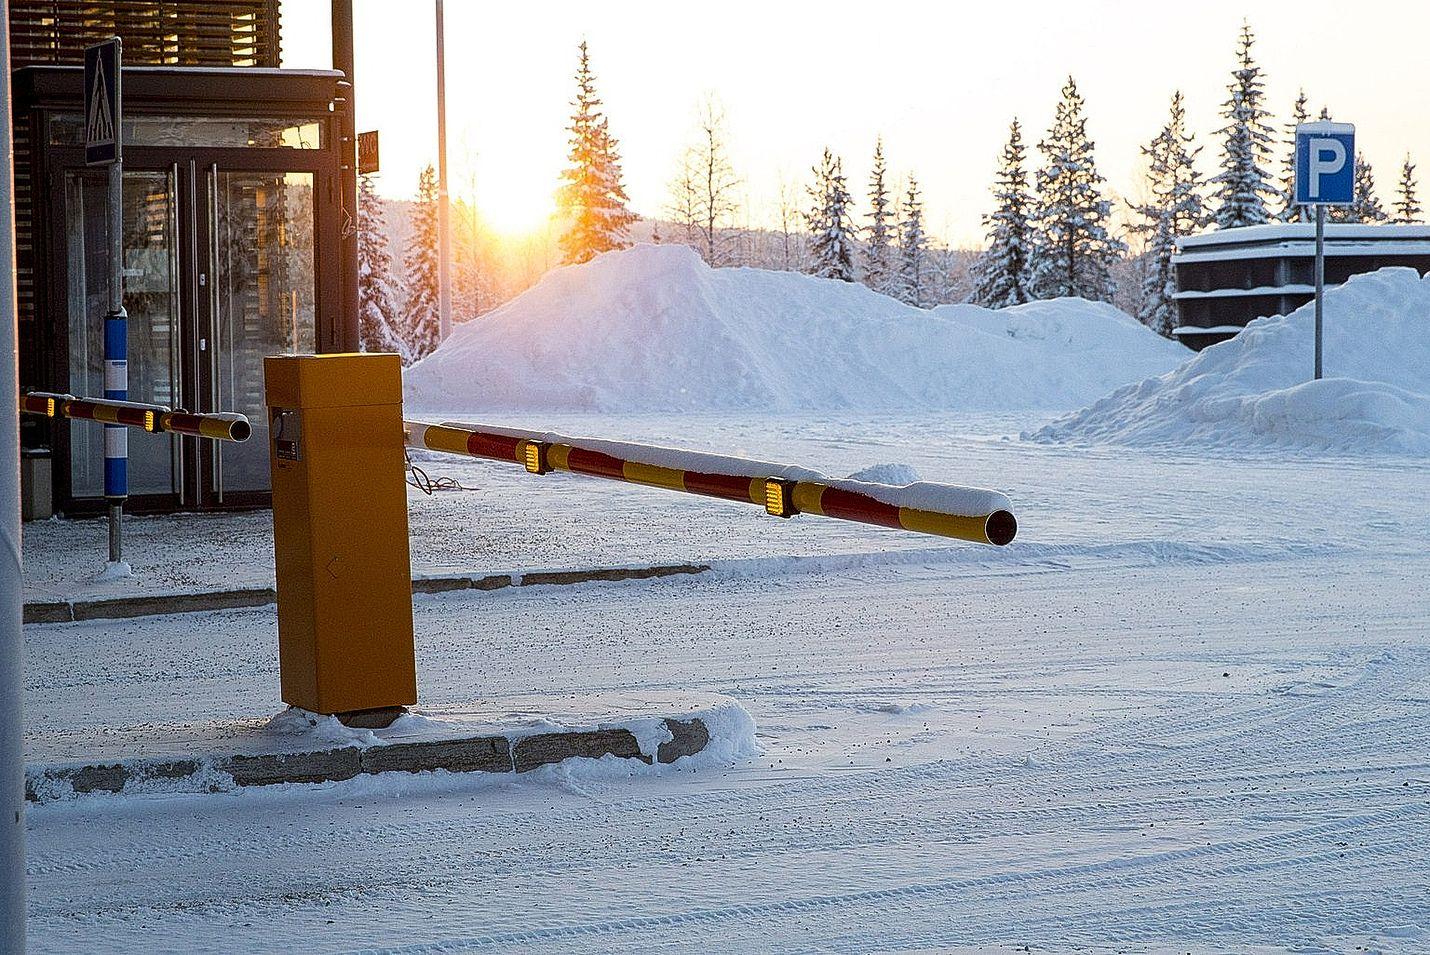 Suomi esitti helmikuussa Venäjälle, että Sallan ja Raja-Joosepin rajasopimus olisi koskenut myös EU:n ja Sveitsin kansalaisia. Kuva on Sallan raja-asemalta.